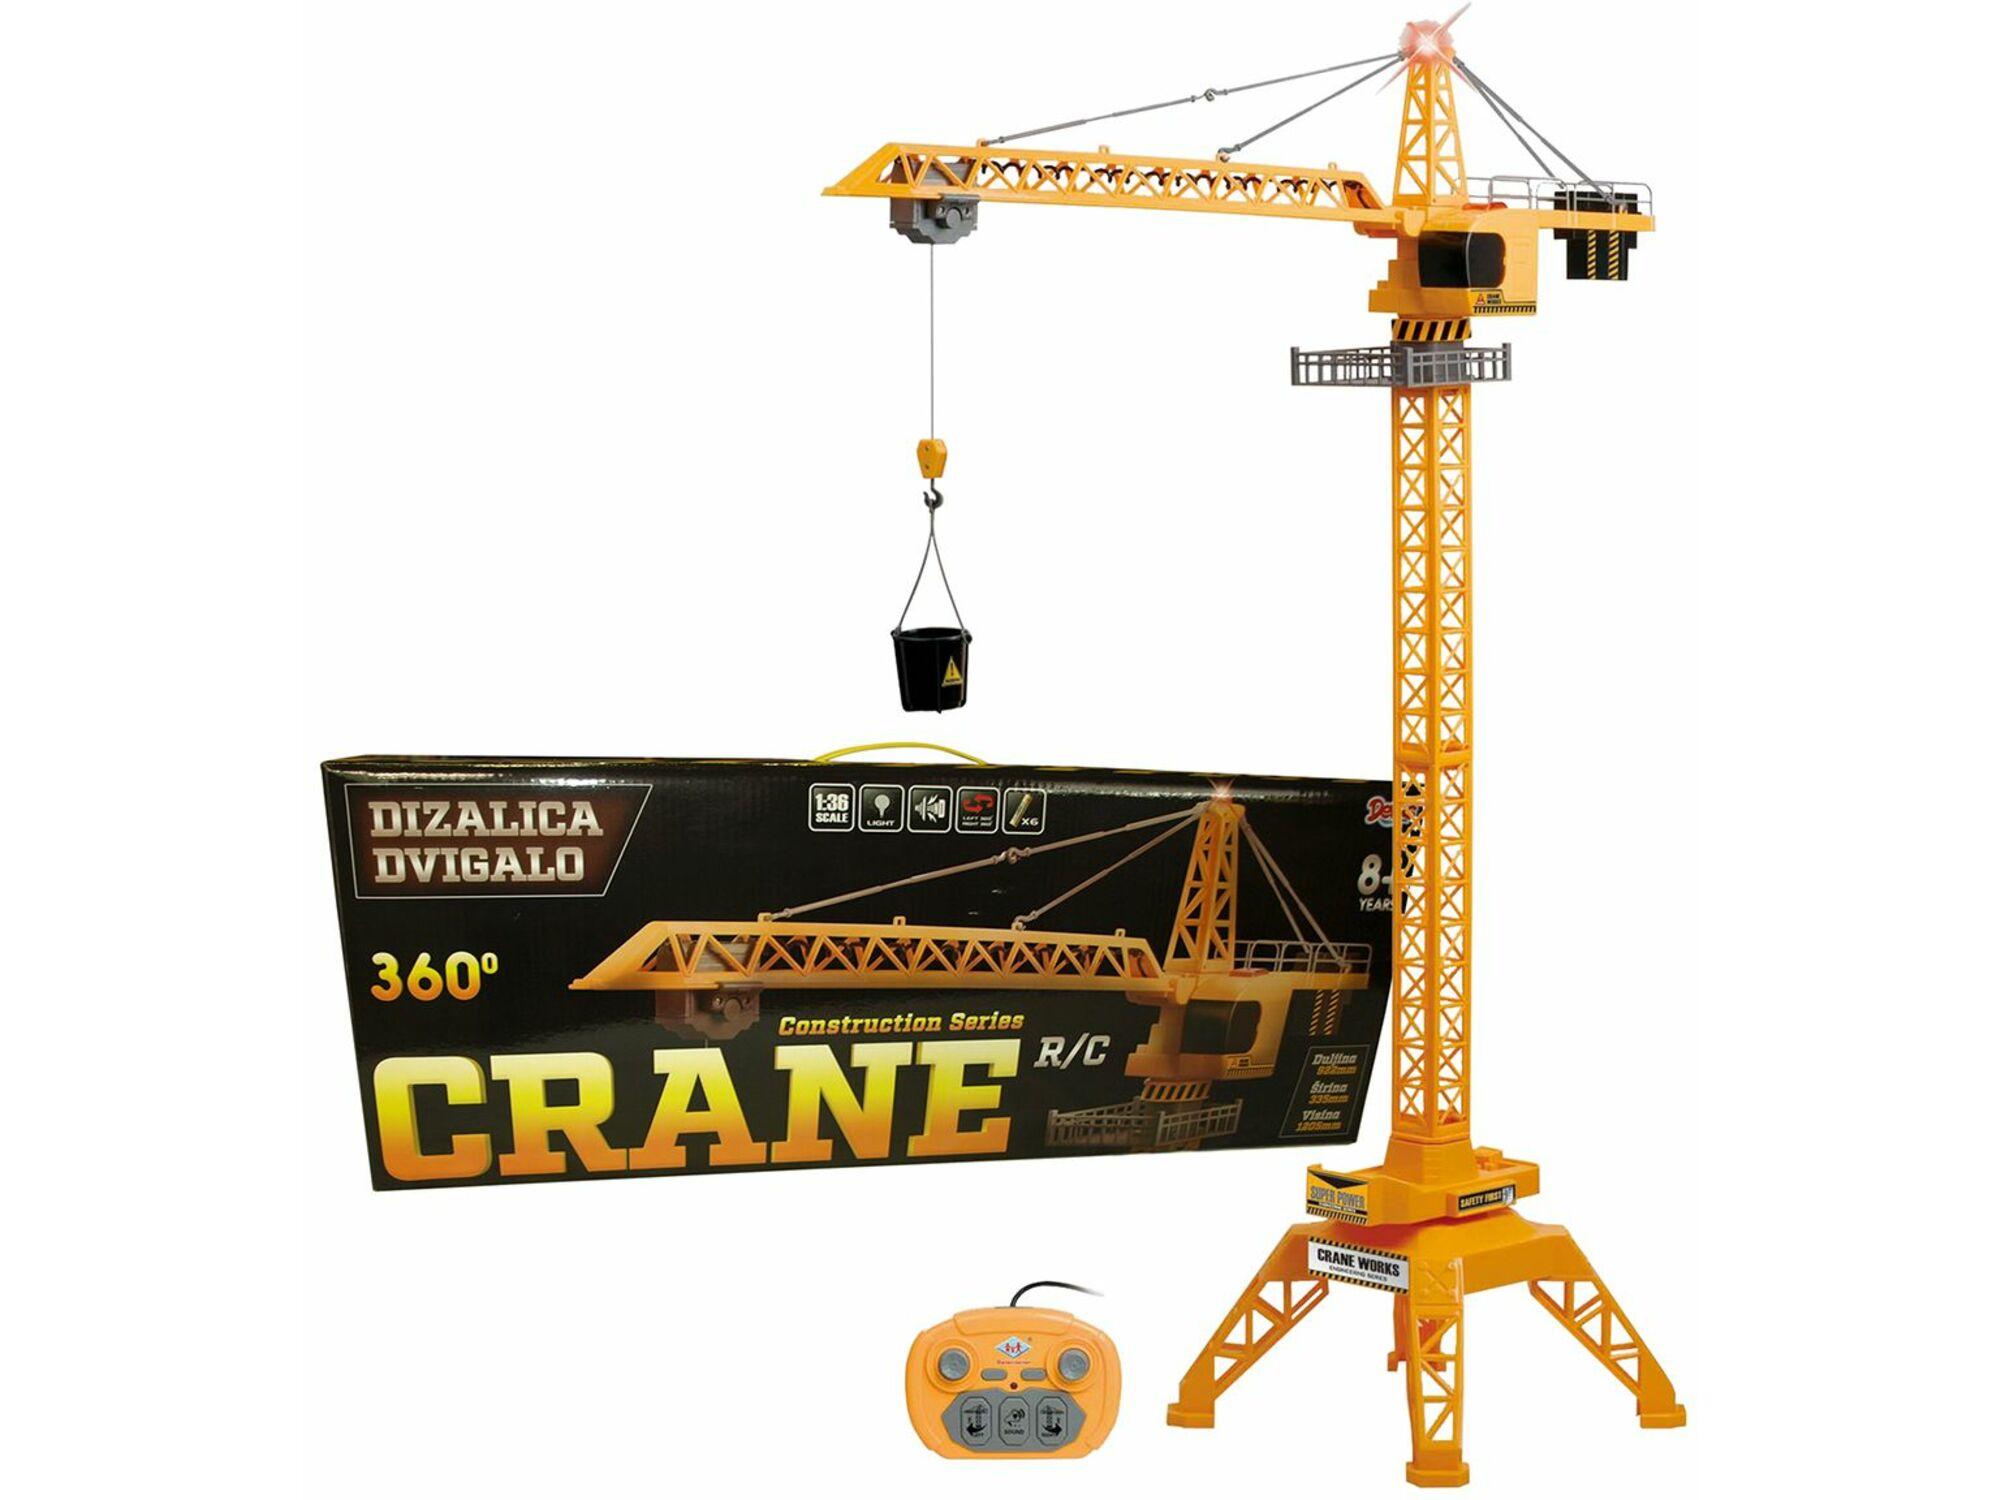 Crane remote control 46-360000